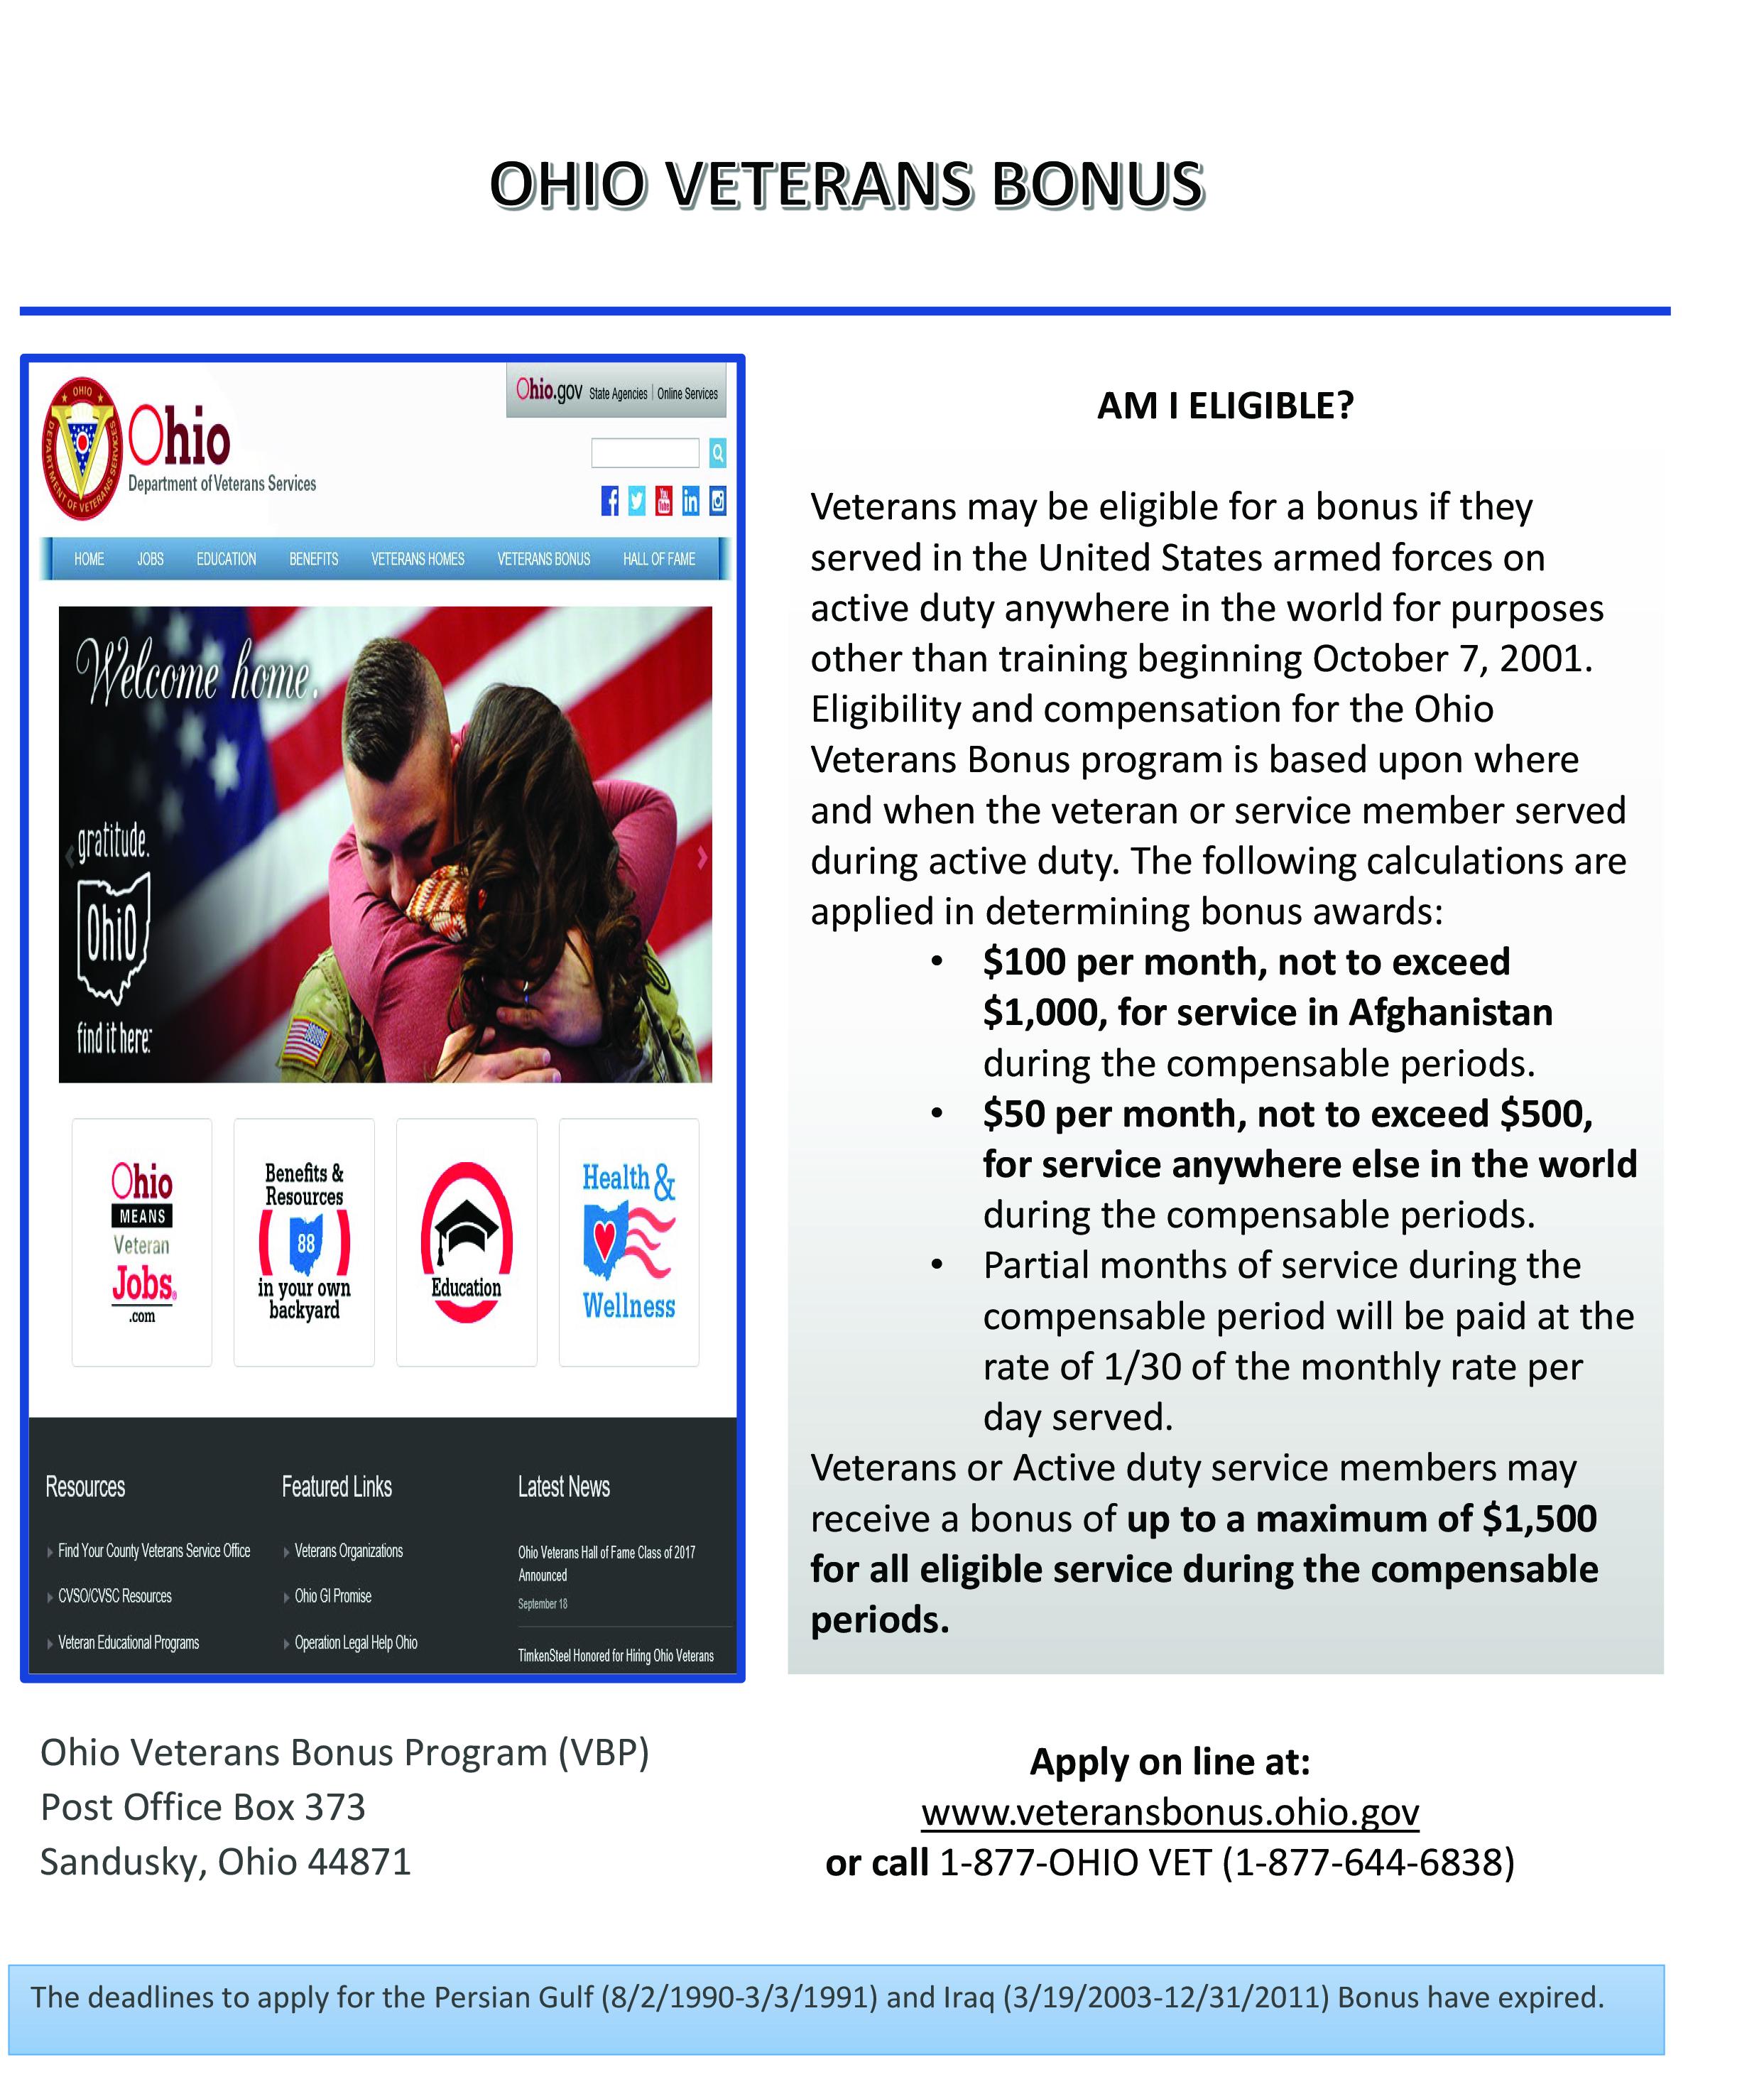 Ohio Veterans Bonus